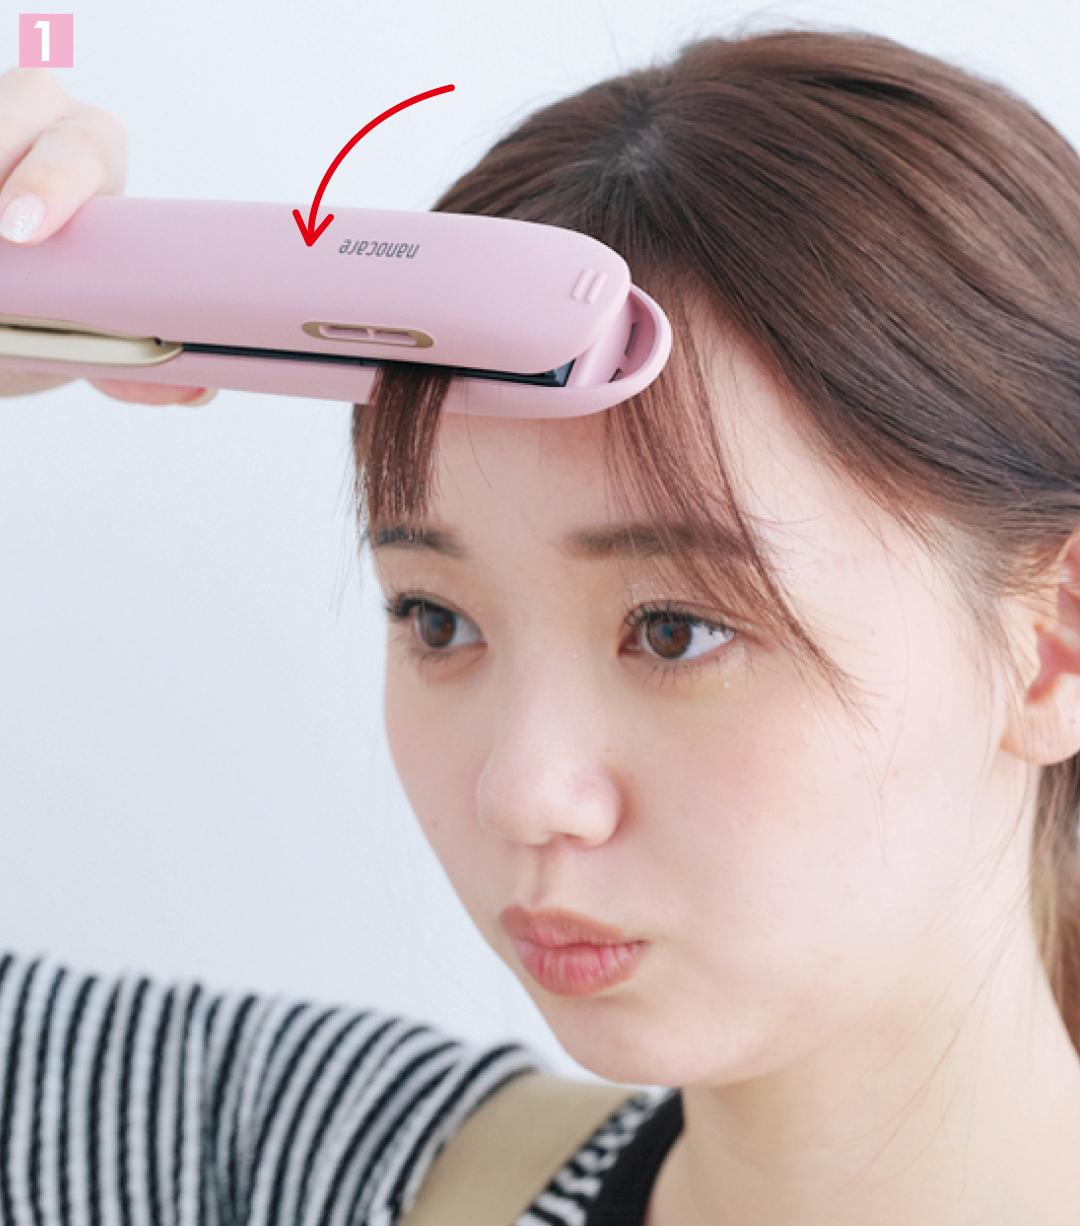 前髪のタイプ別★巻き髪のやり方3パターンを超ていねい解説!_1_6-1